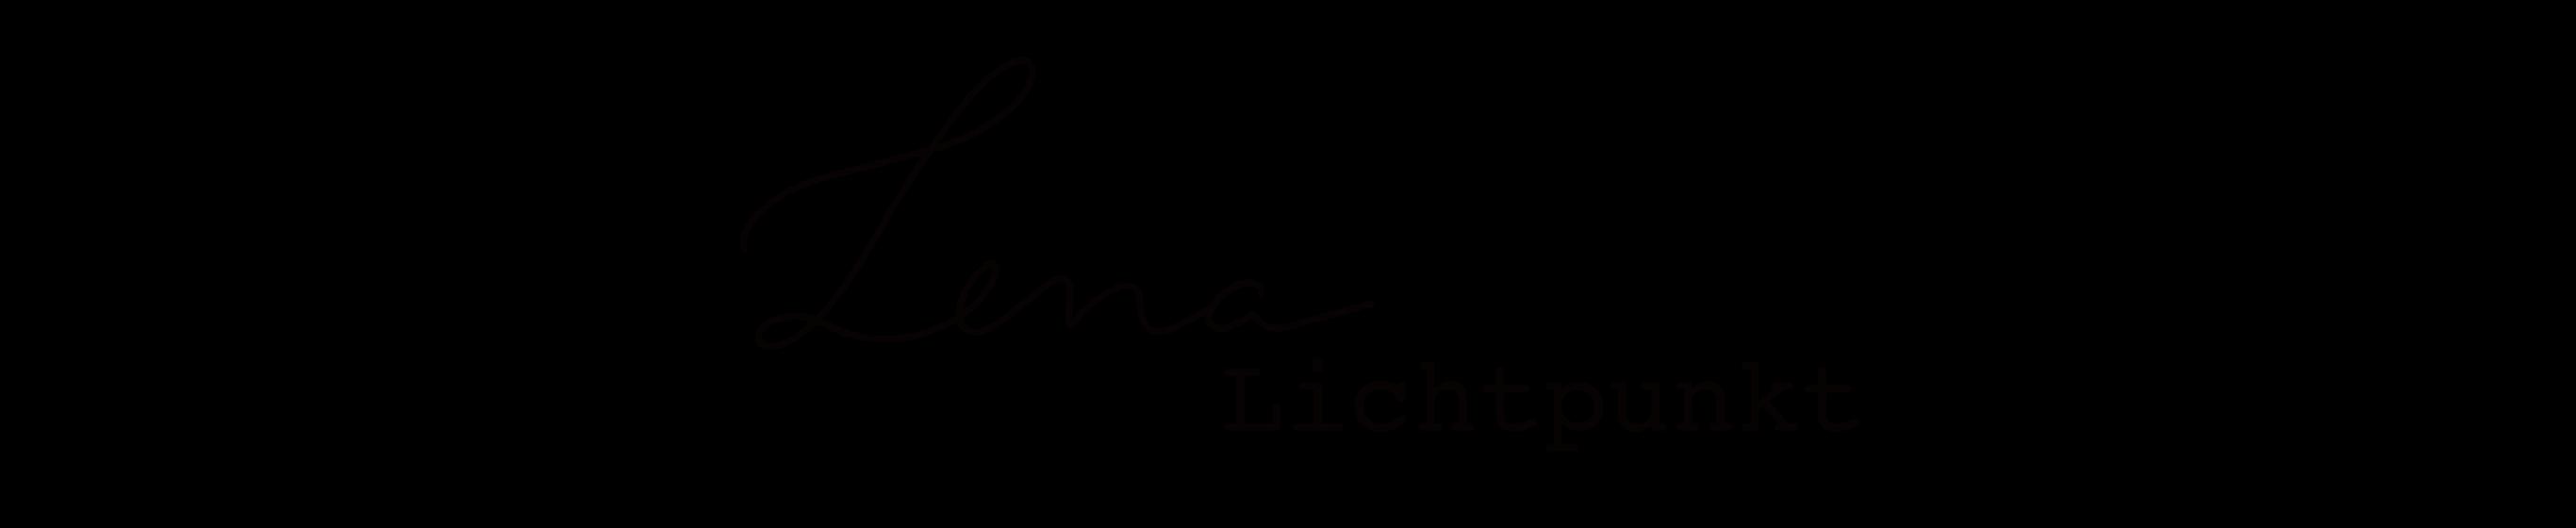 Lenalichtpunkt